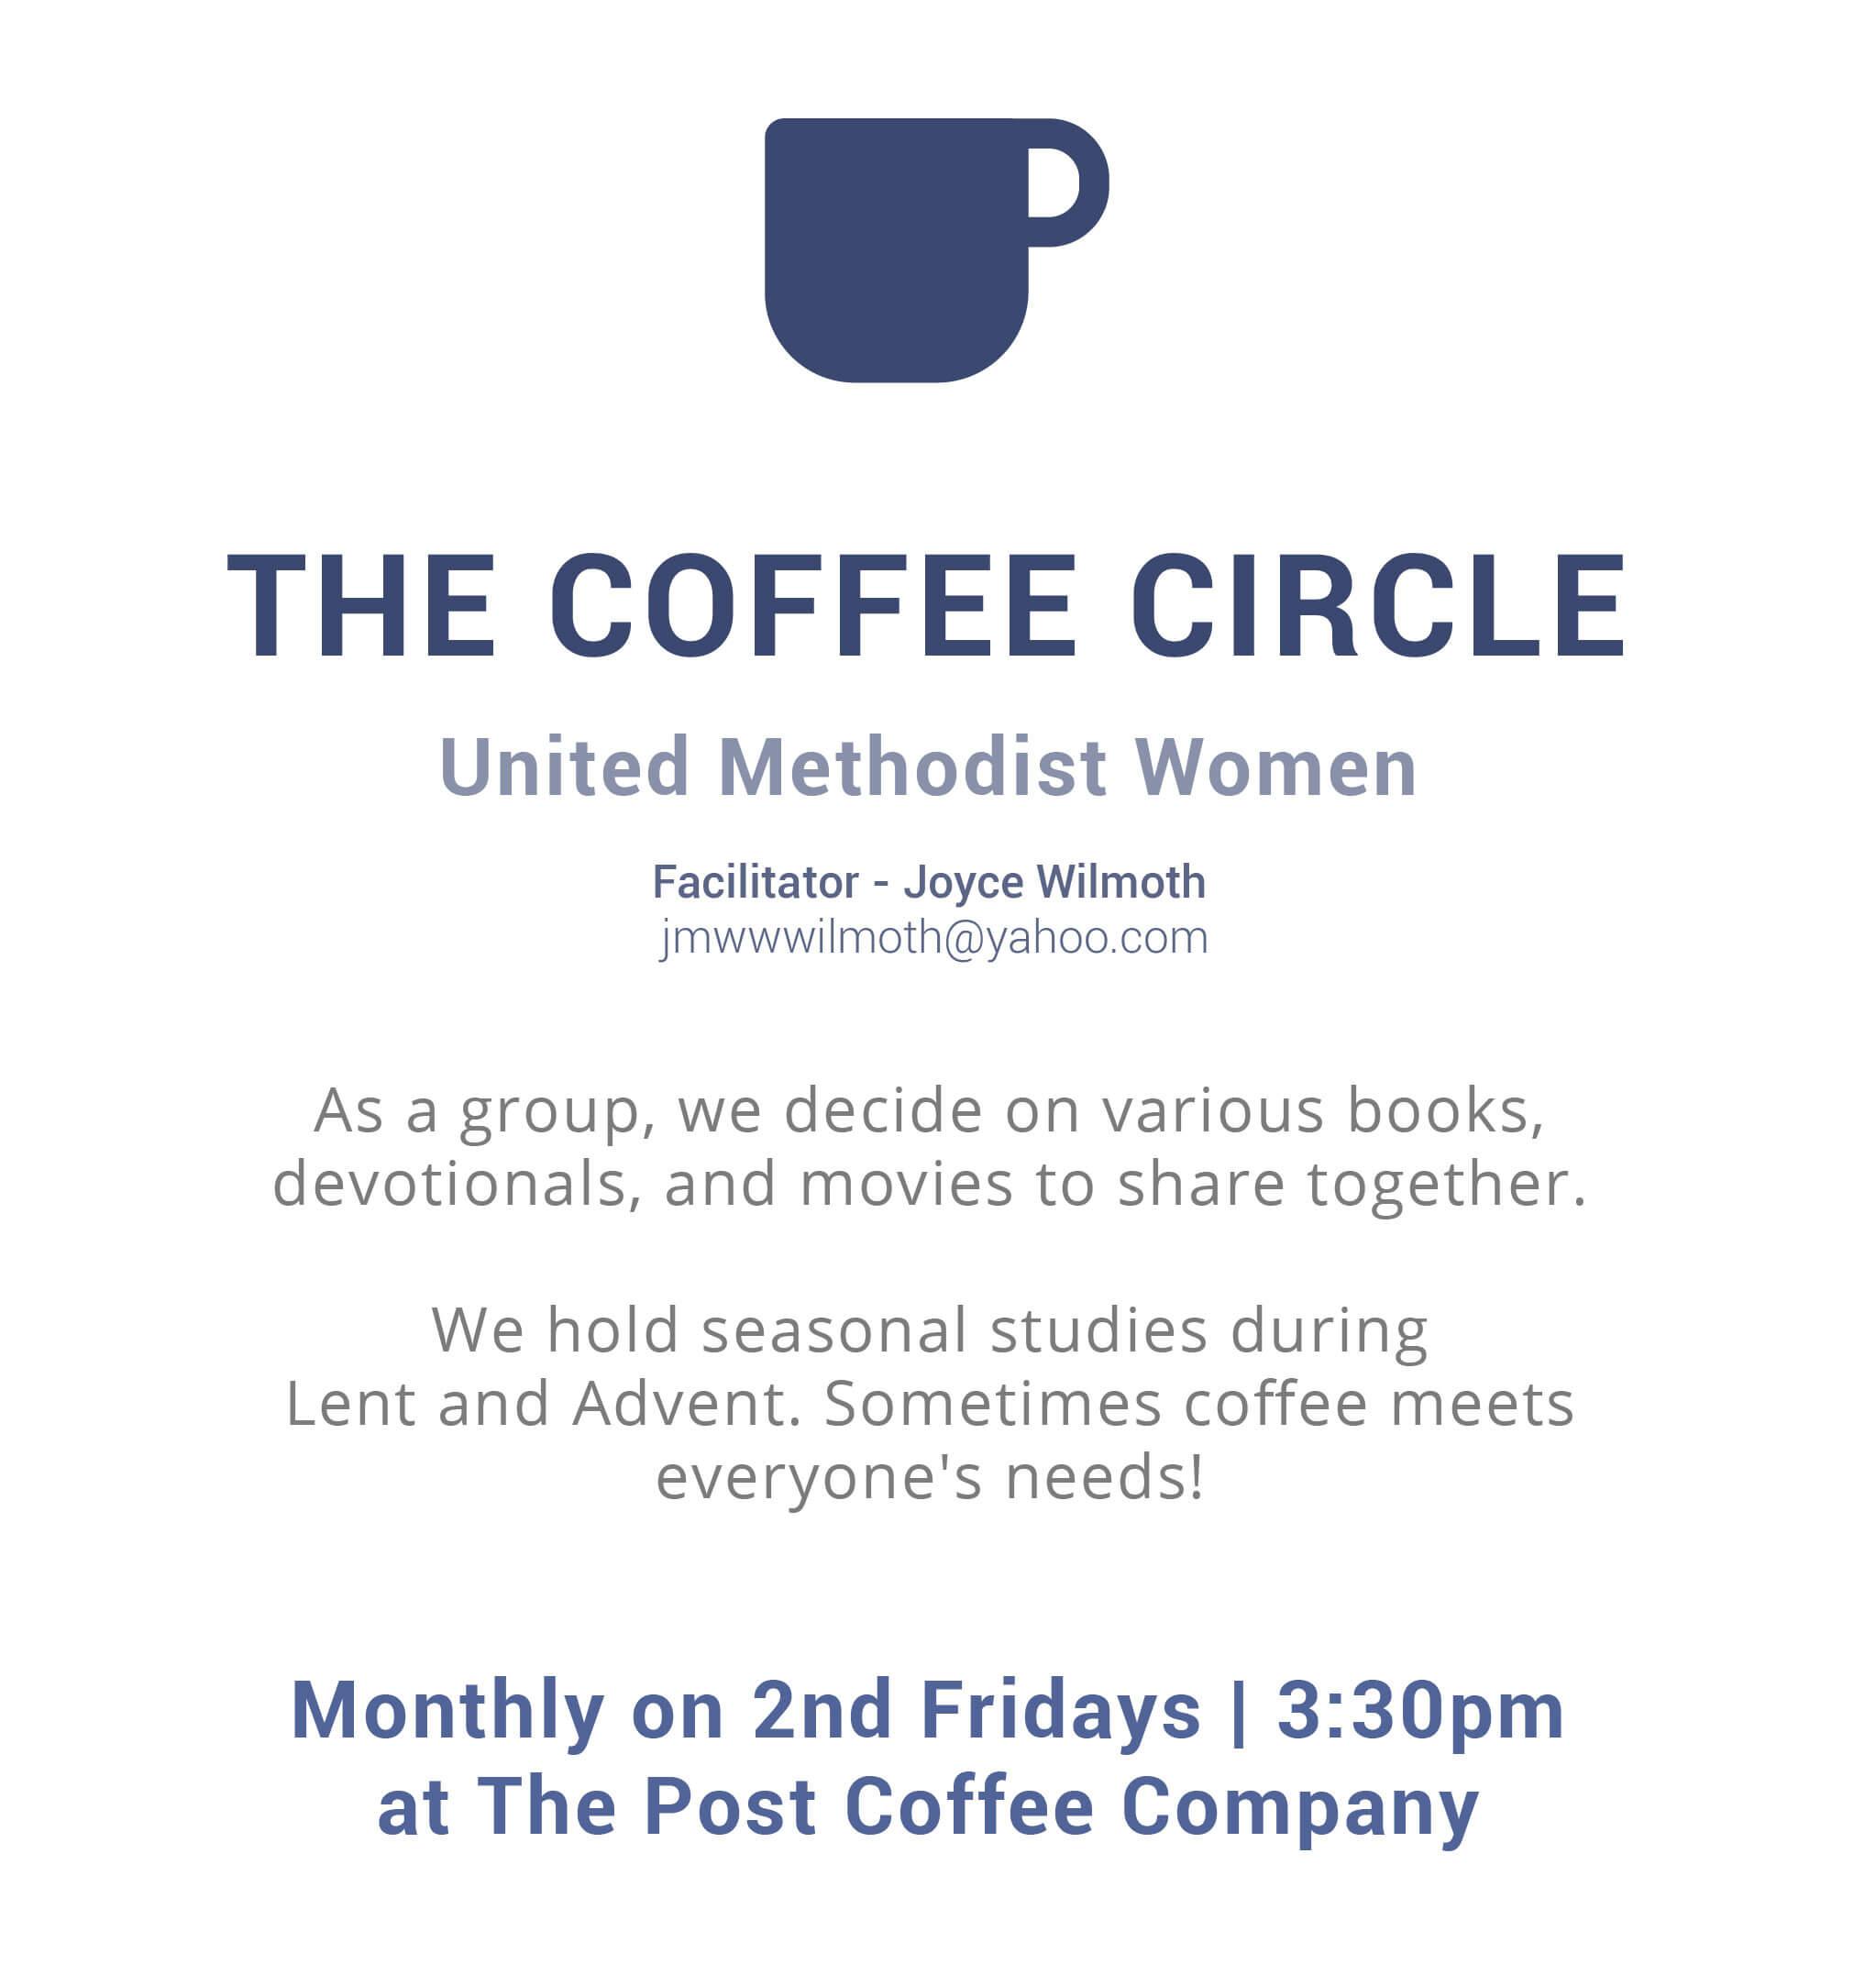 CoffeeCircle_Coffee Circle